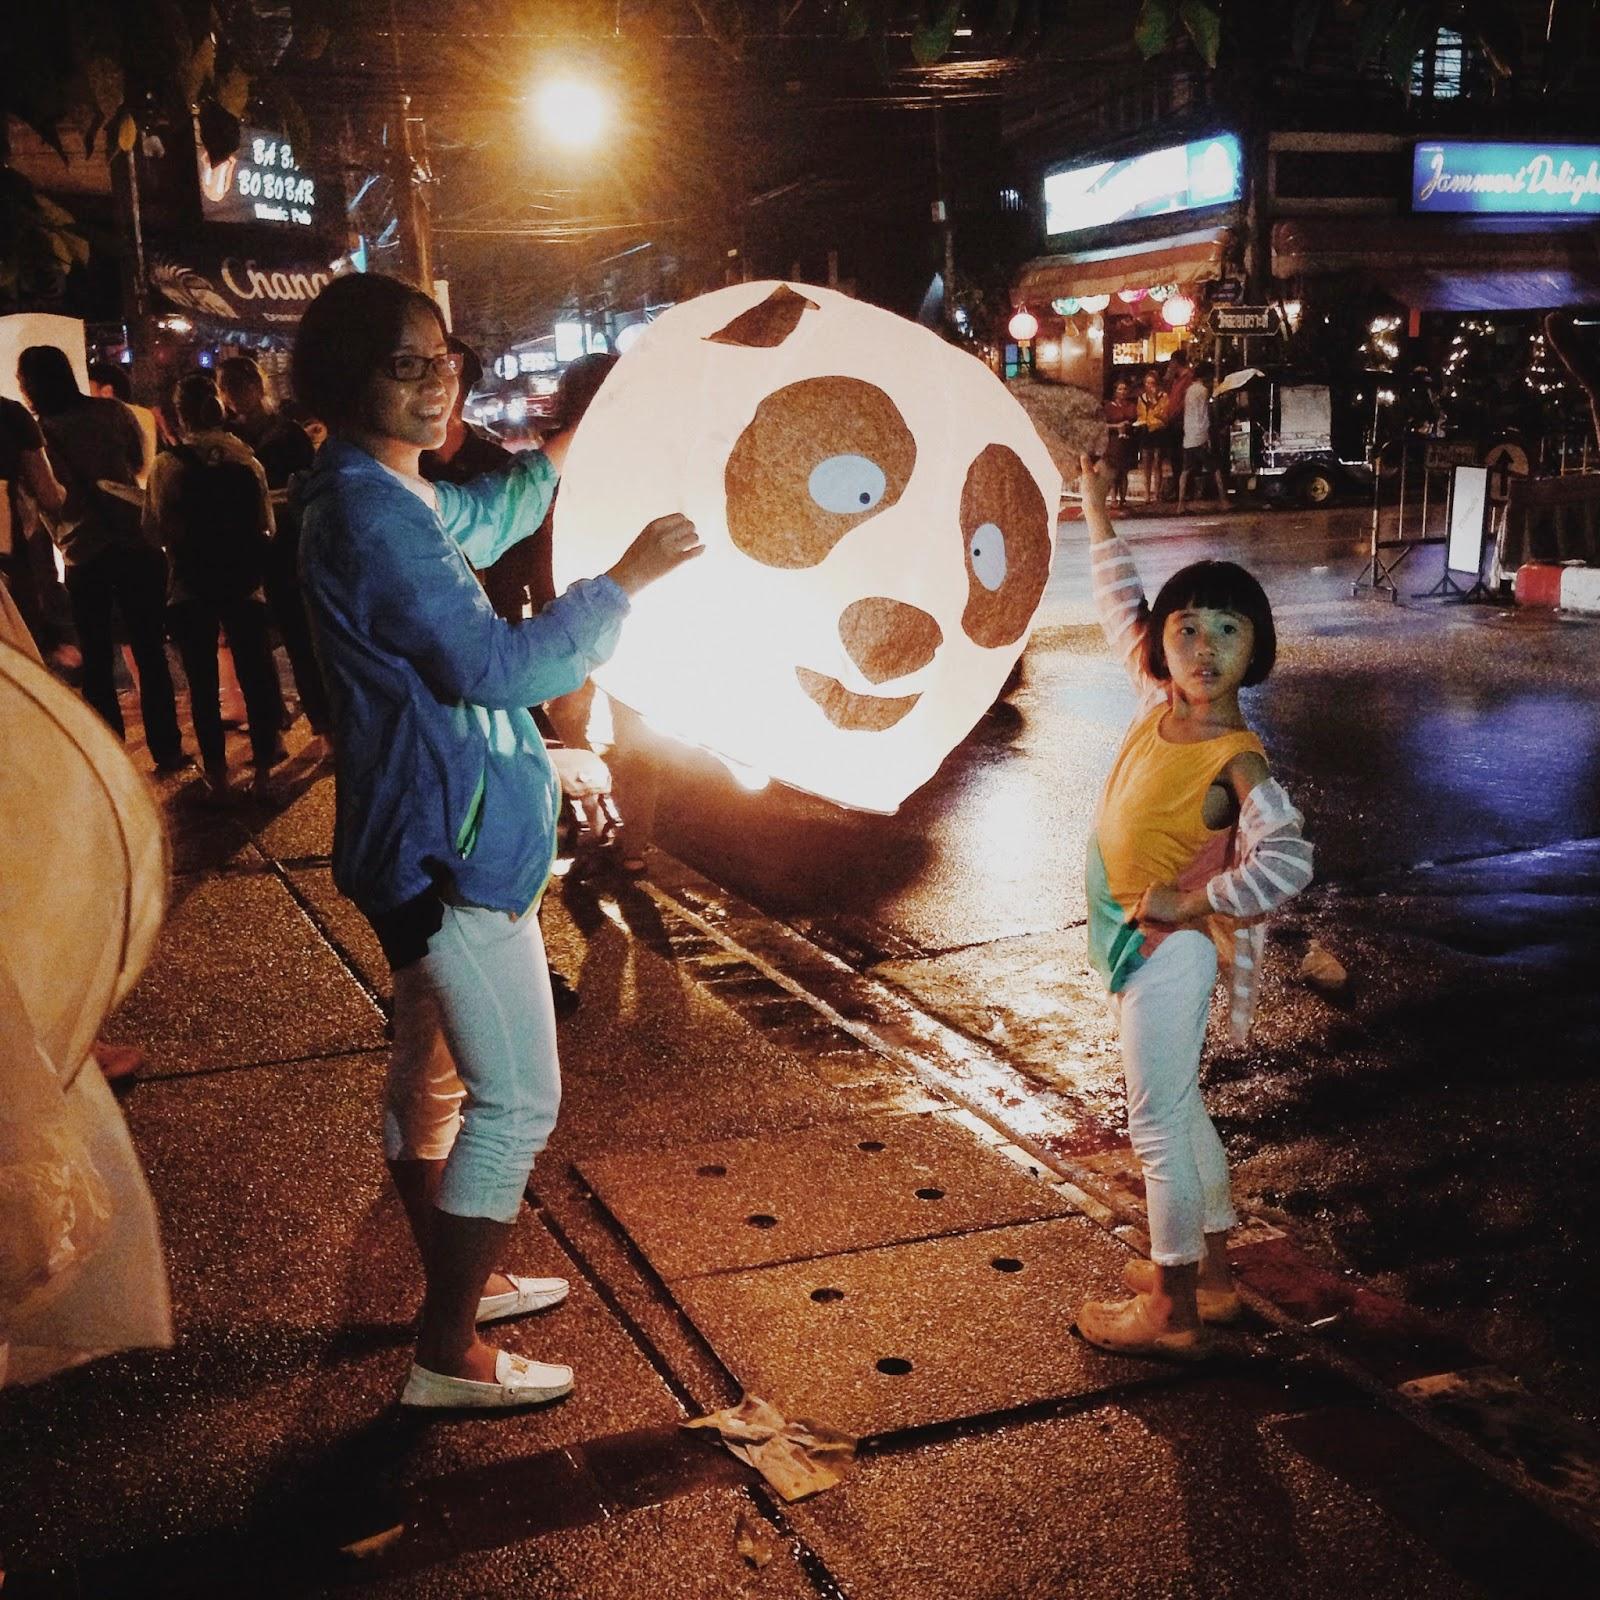 La lanterna più bella! - foto di Elisa Chisana Hoshi